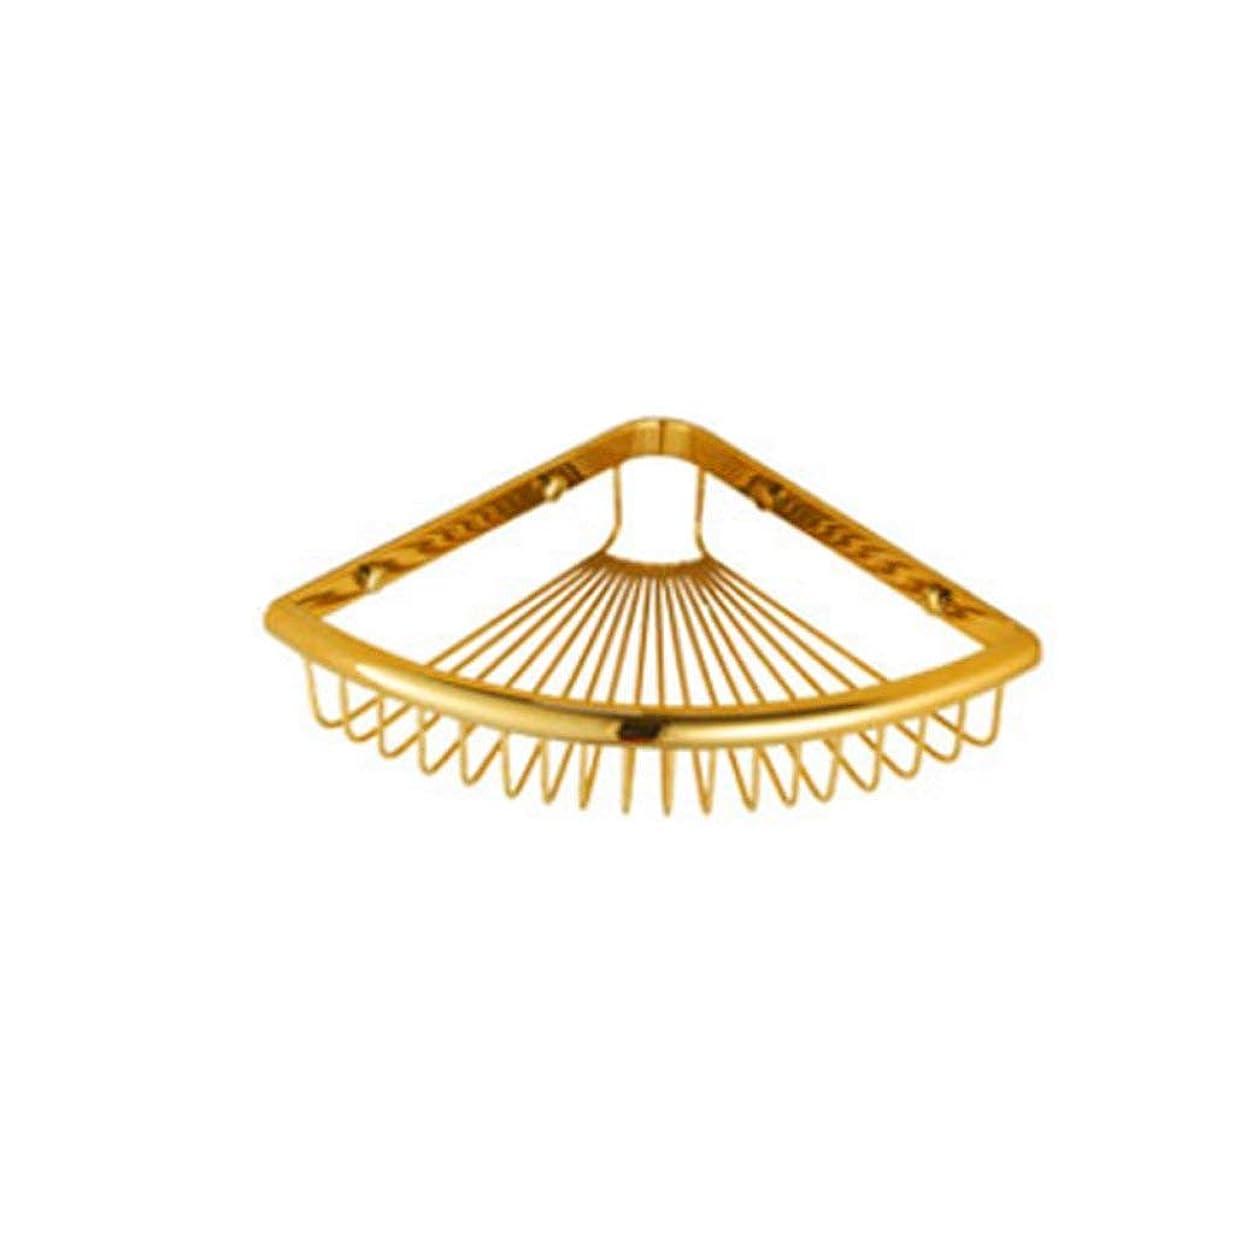 悩みバス影響全銅製のバスルームコーナーシェルフゴールデンヨーロピアンスタイルのバスルームファン型の三角形の収納ラックダブルバスケットバスルームウォールマウント300 * 210 * 55mm(サイズ:単層)